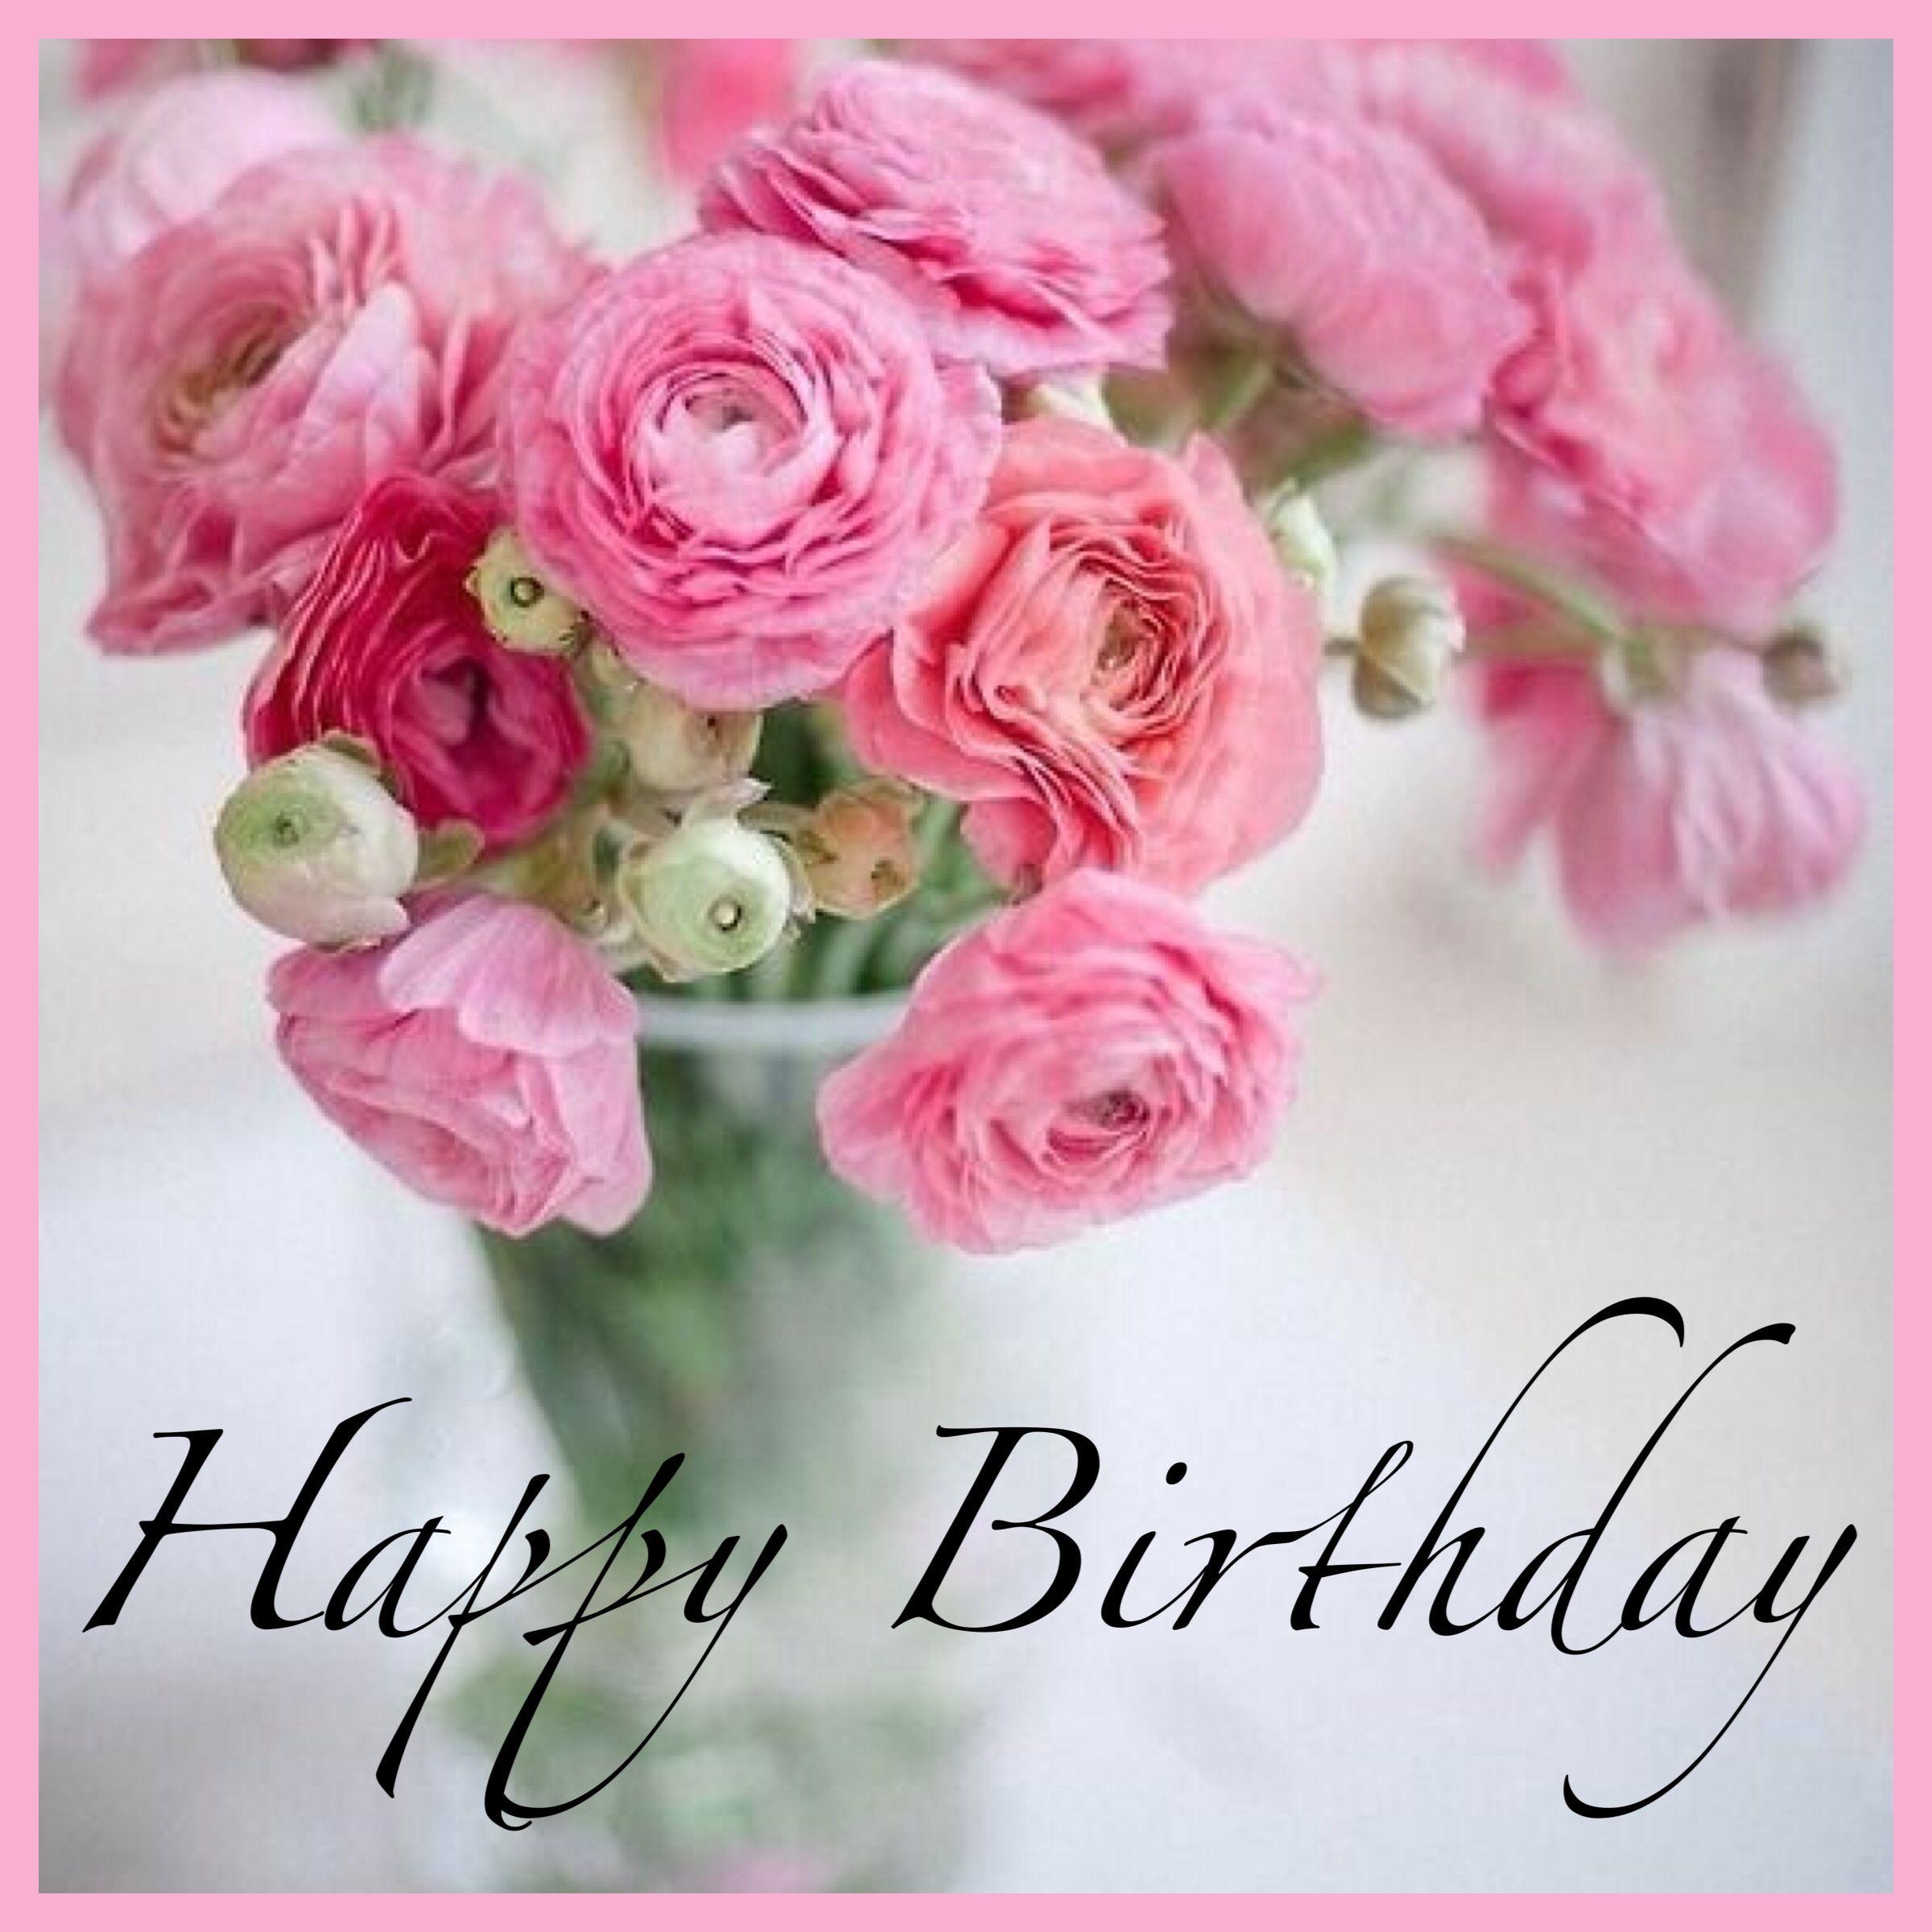 Happy Birthday | Geburtstagsbilder, Blumen, Alles Gute verwandt mit Blumenbilder Zum Geburtstag